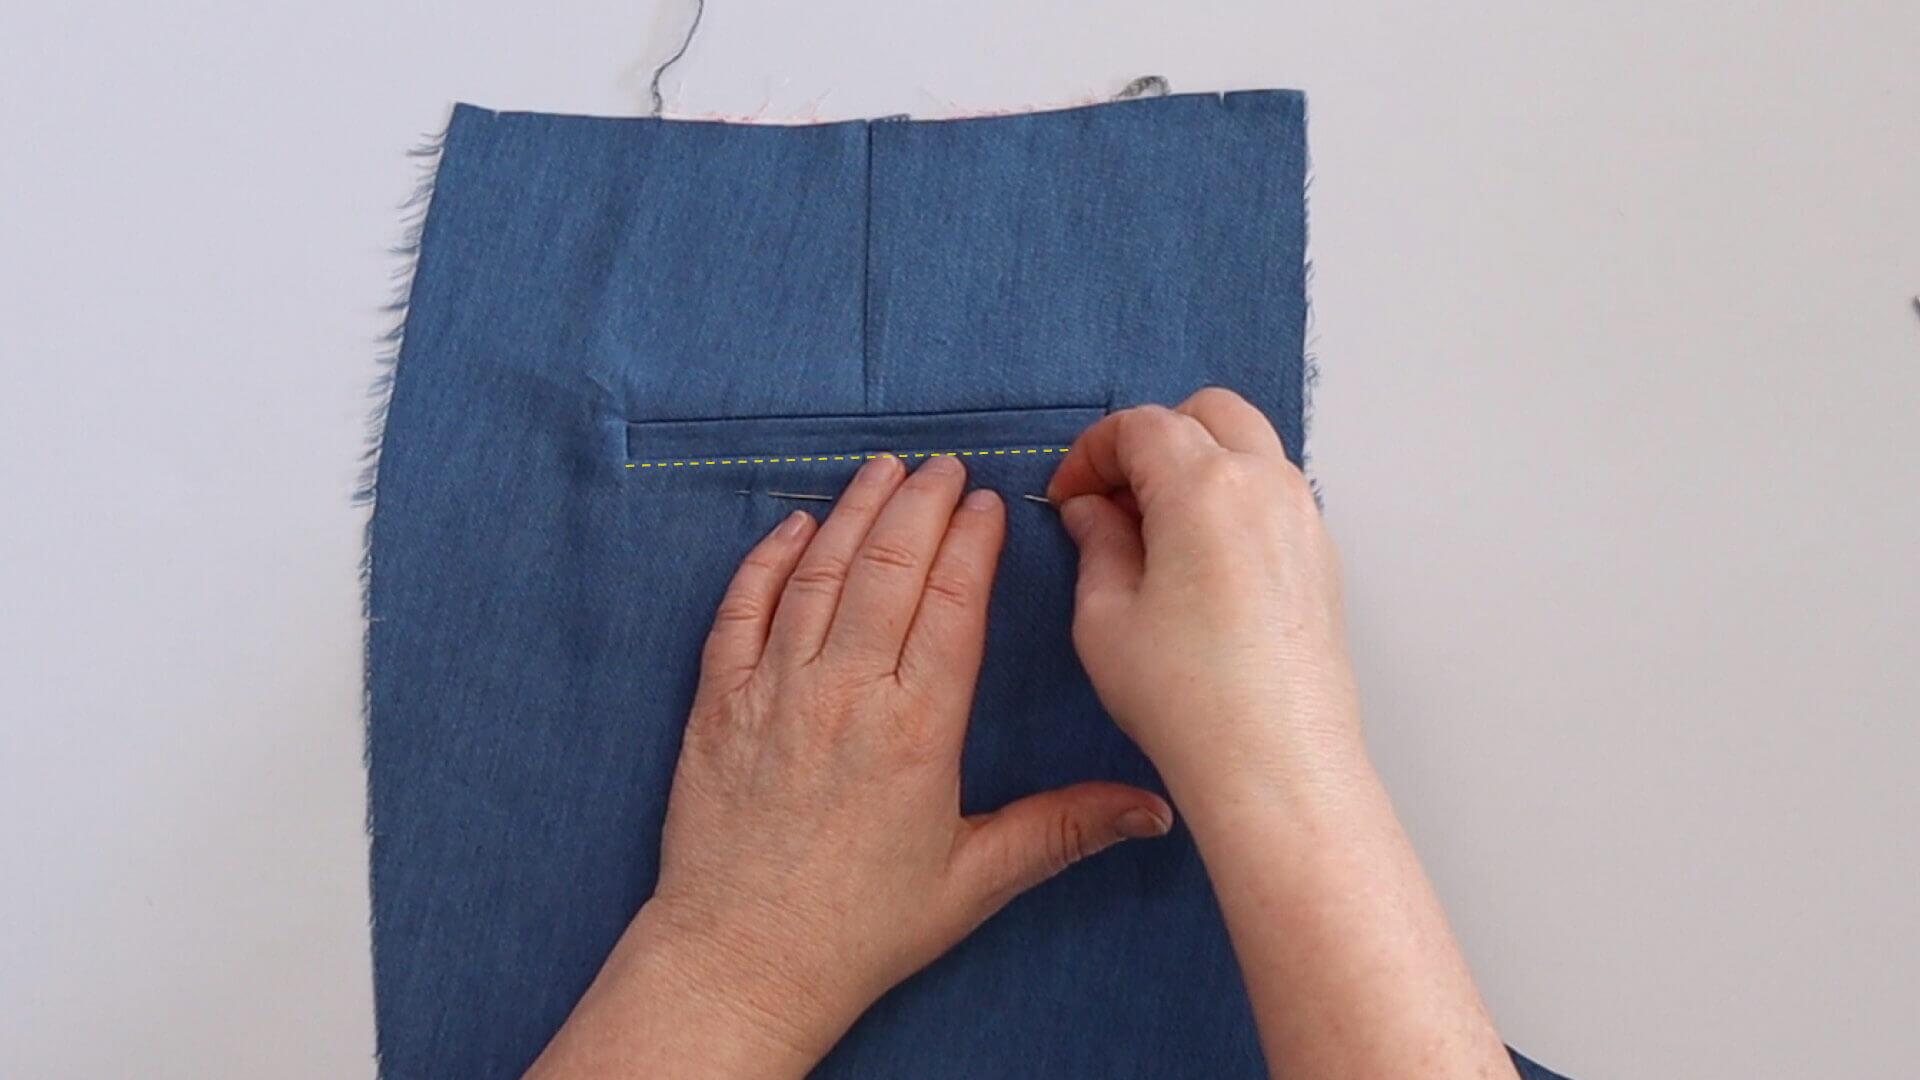 Einseitige Hosen Paspeltasche selber nähen-Tasche vor der Steppung feststecken